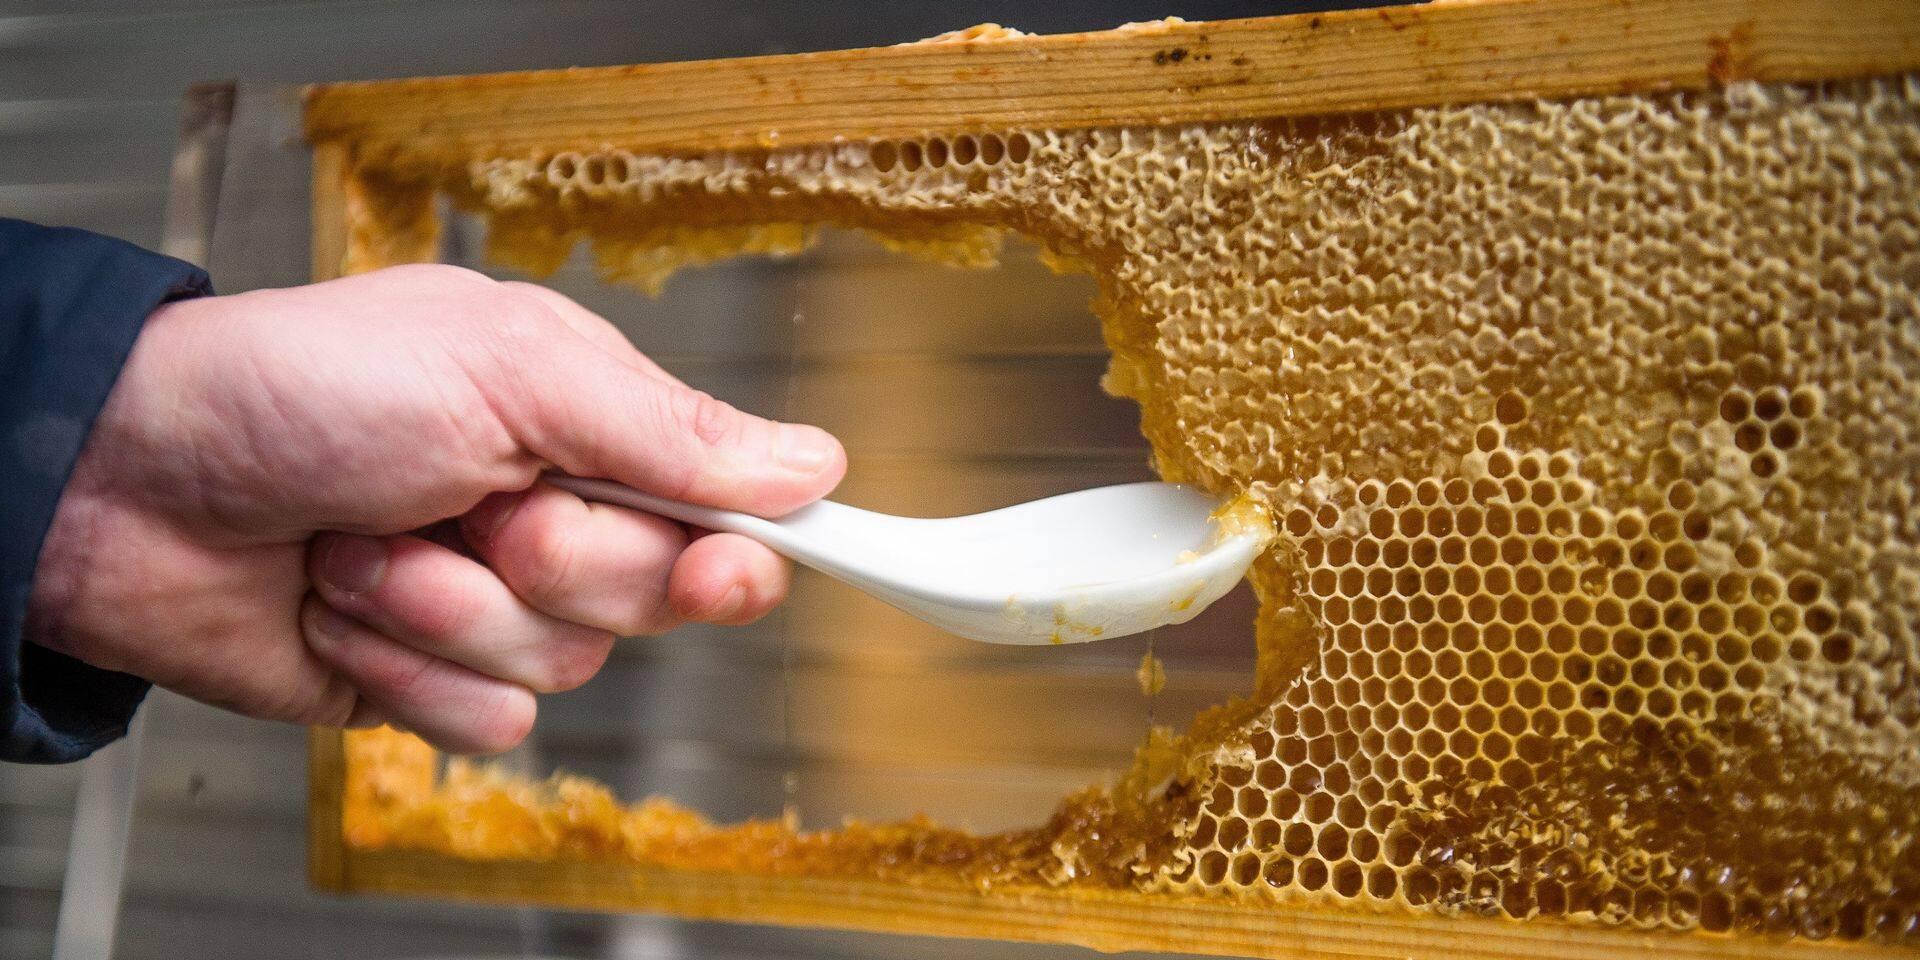 Un homme détenu trois mois aux Etats-Unis pour avoir ramenée du... miel